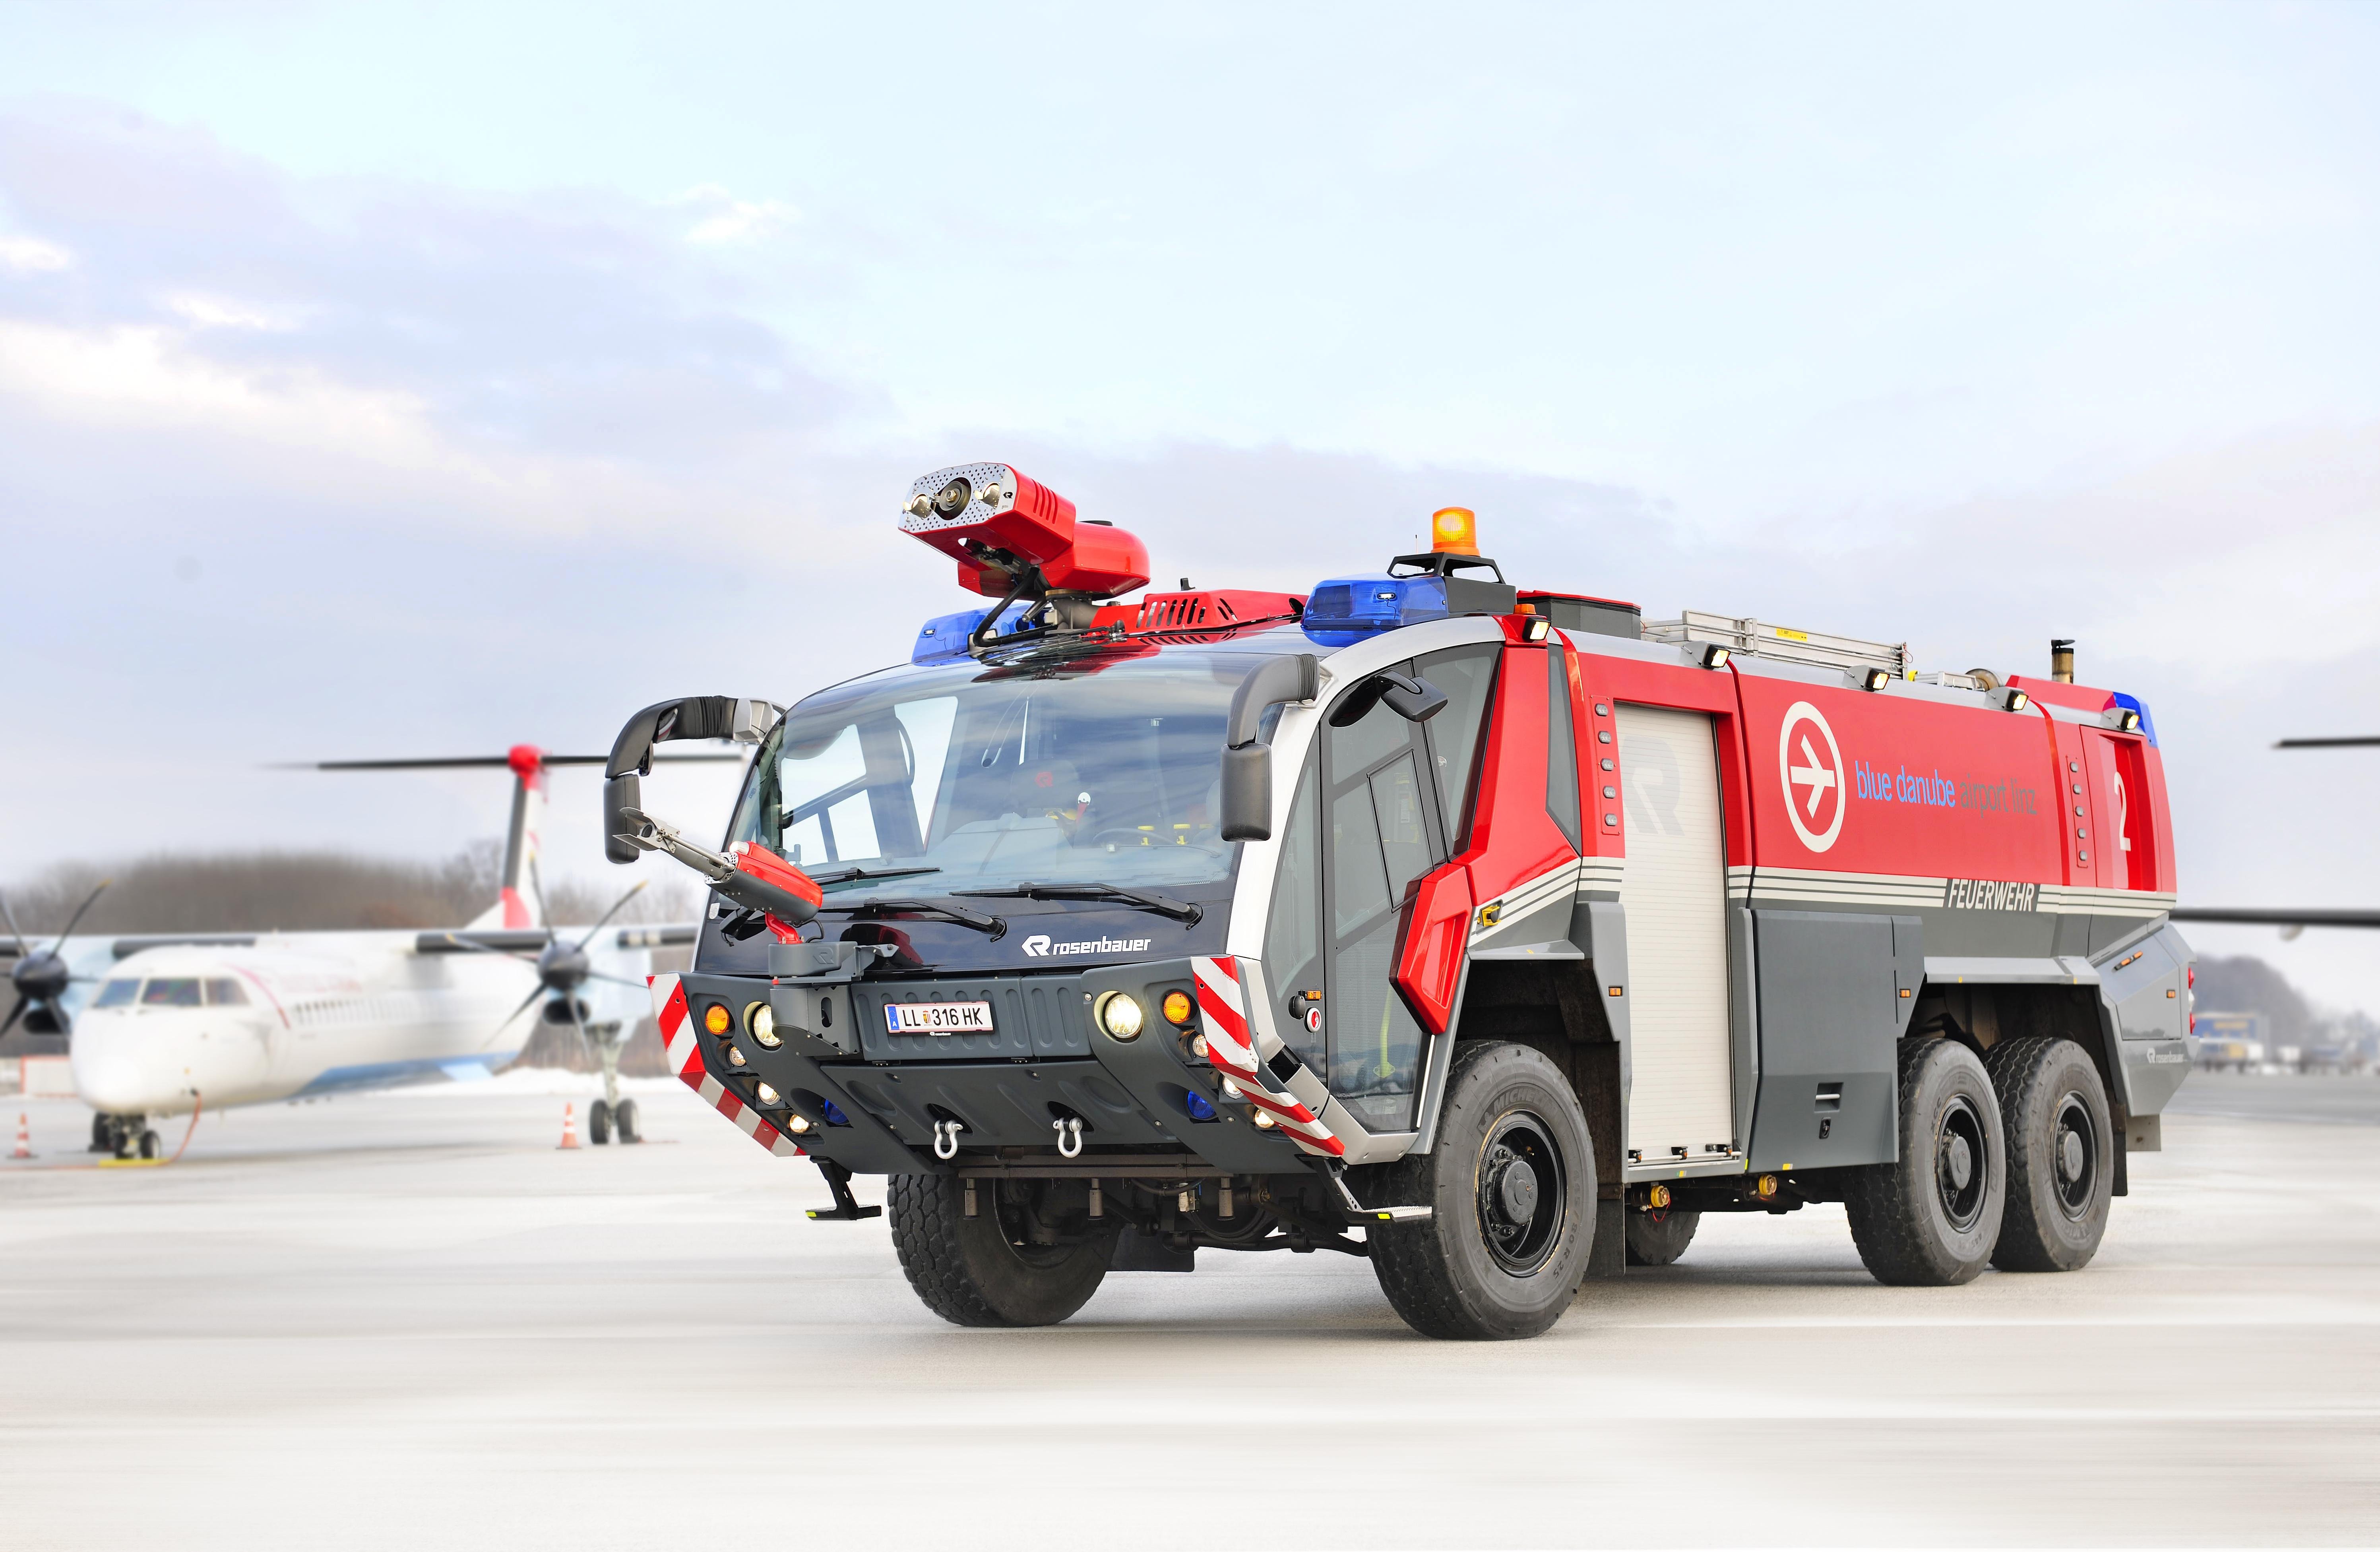 Rosenbauer Fire Truck 5k Retina Ultra HD Wallpaper